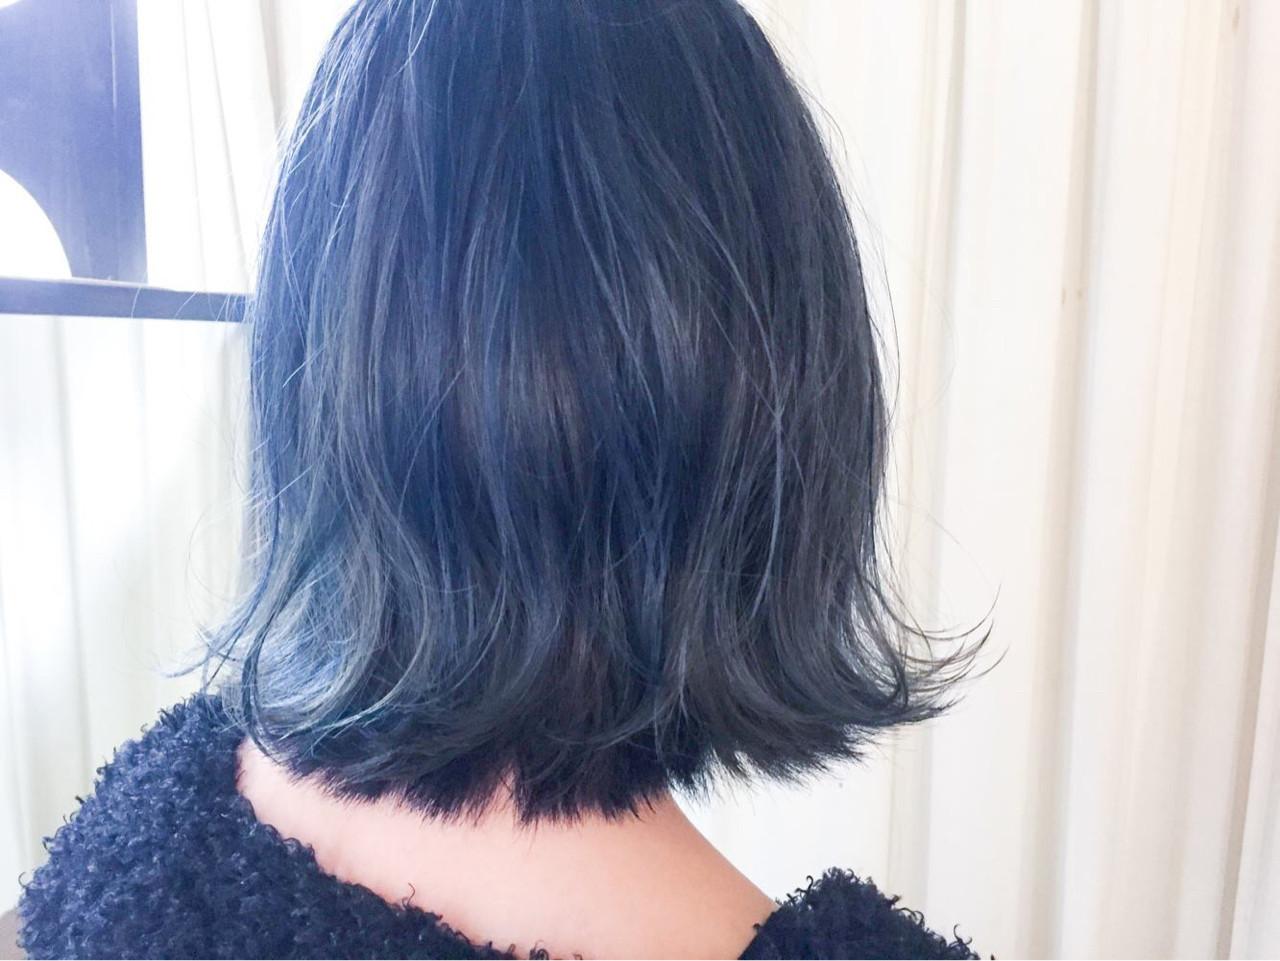 グレージュ ブルージュ 外ハネ ブルーアッシュ ヘアスタイルや髪型の写真・画像